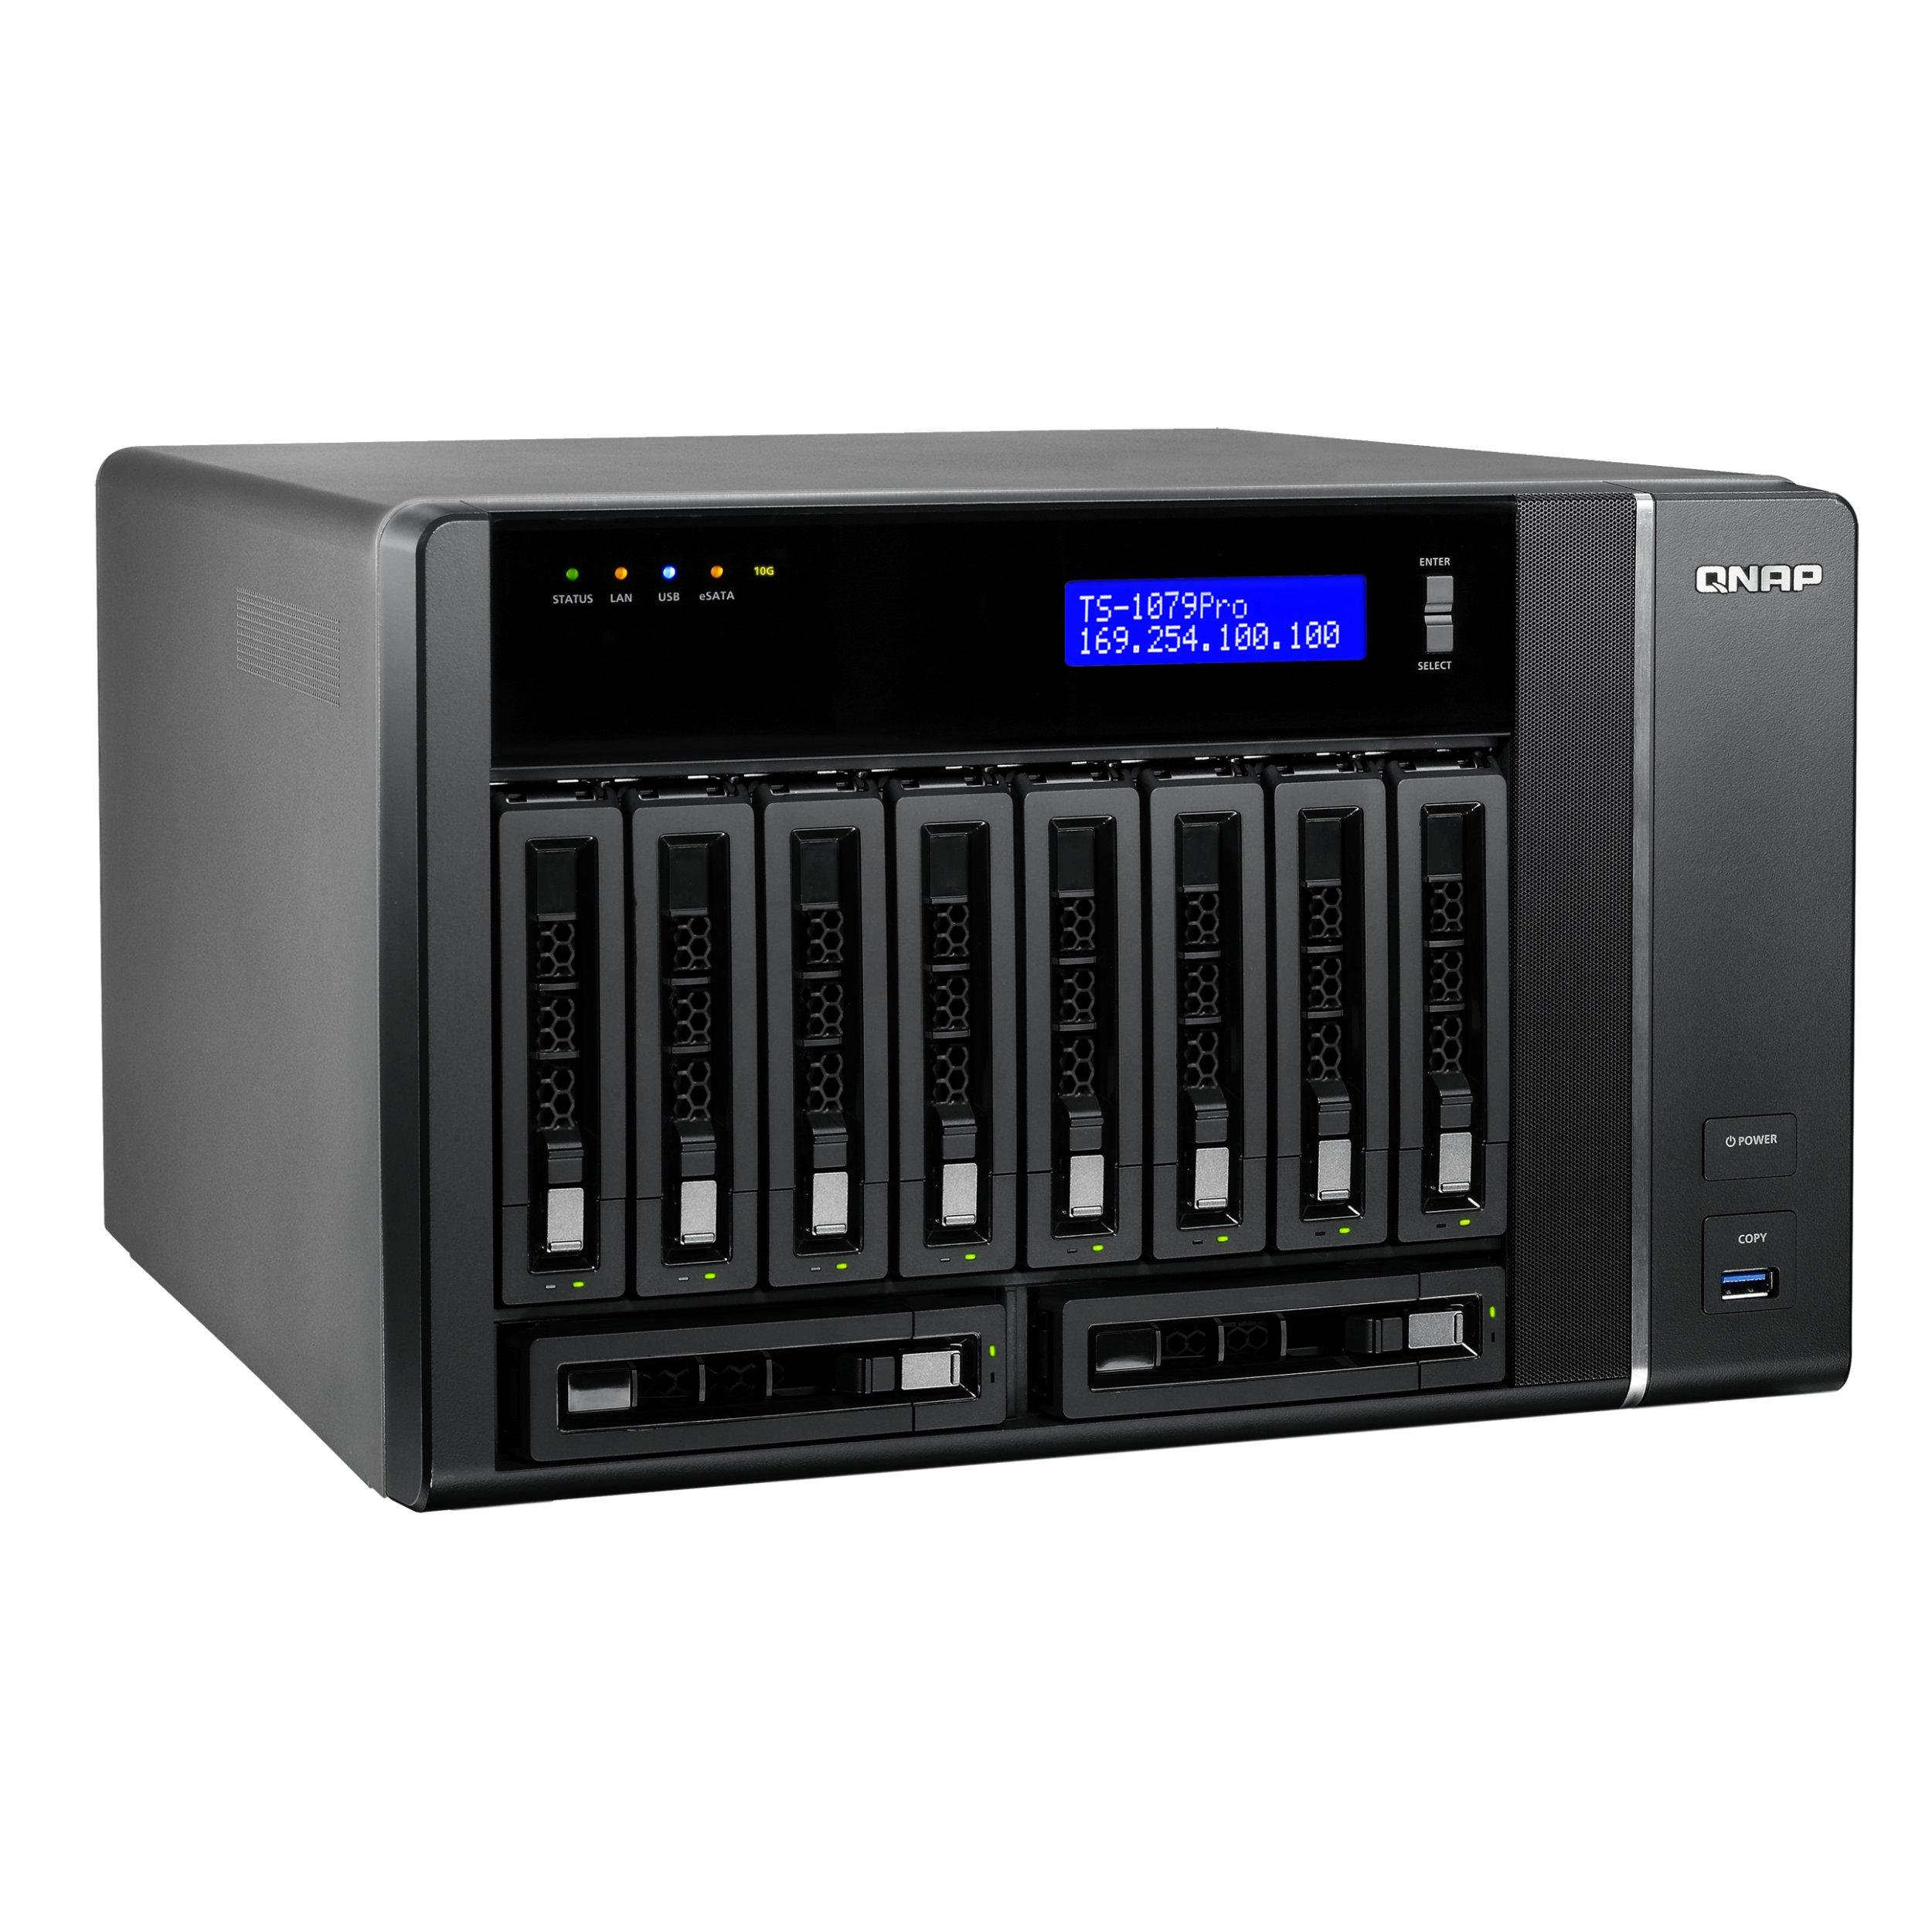 TS-1079 PRO - Storage 10 Baias até 80TB TS-1079 Pro Qnap